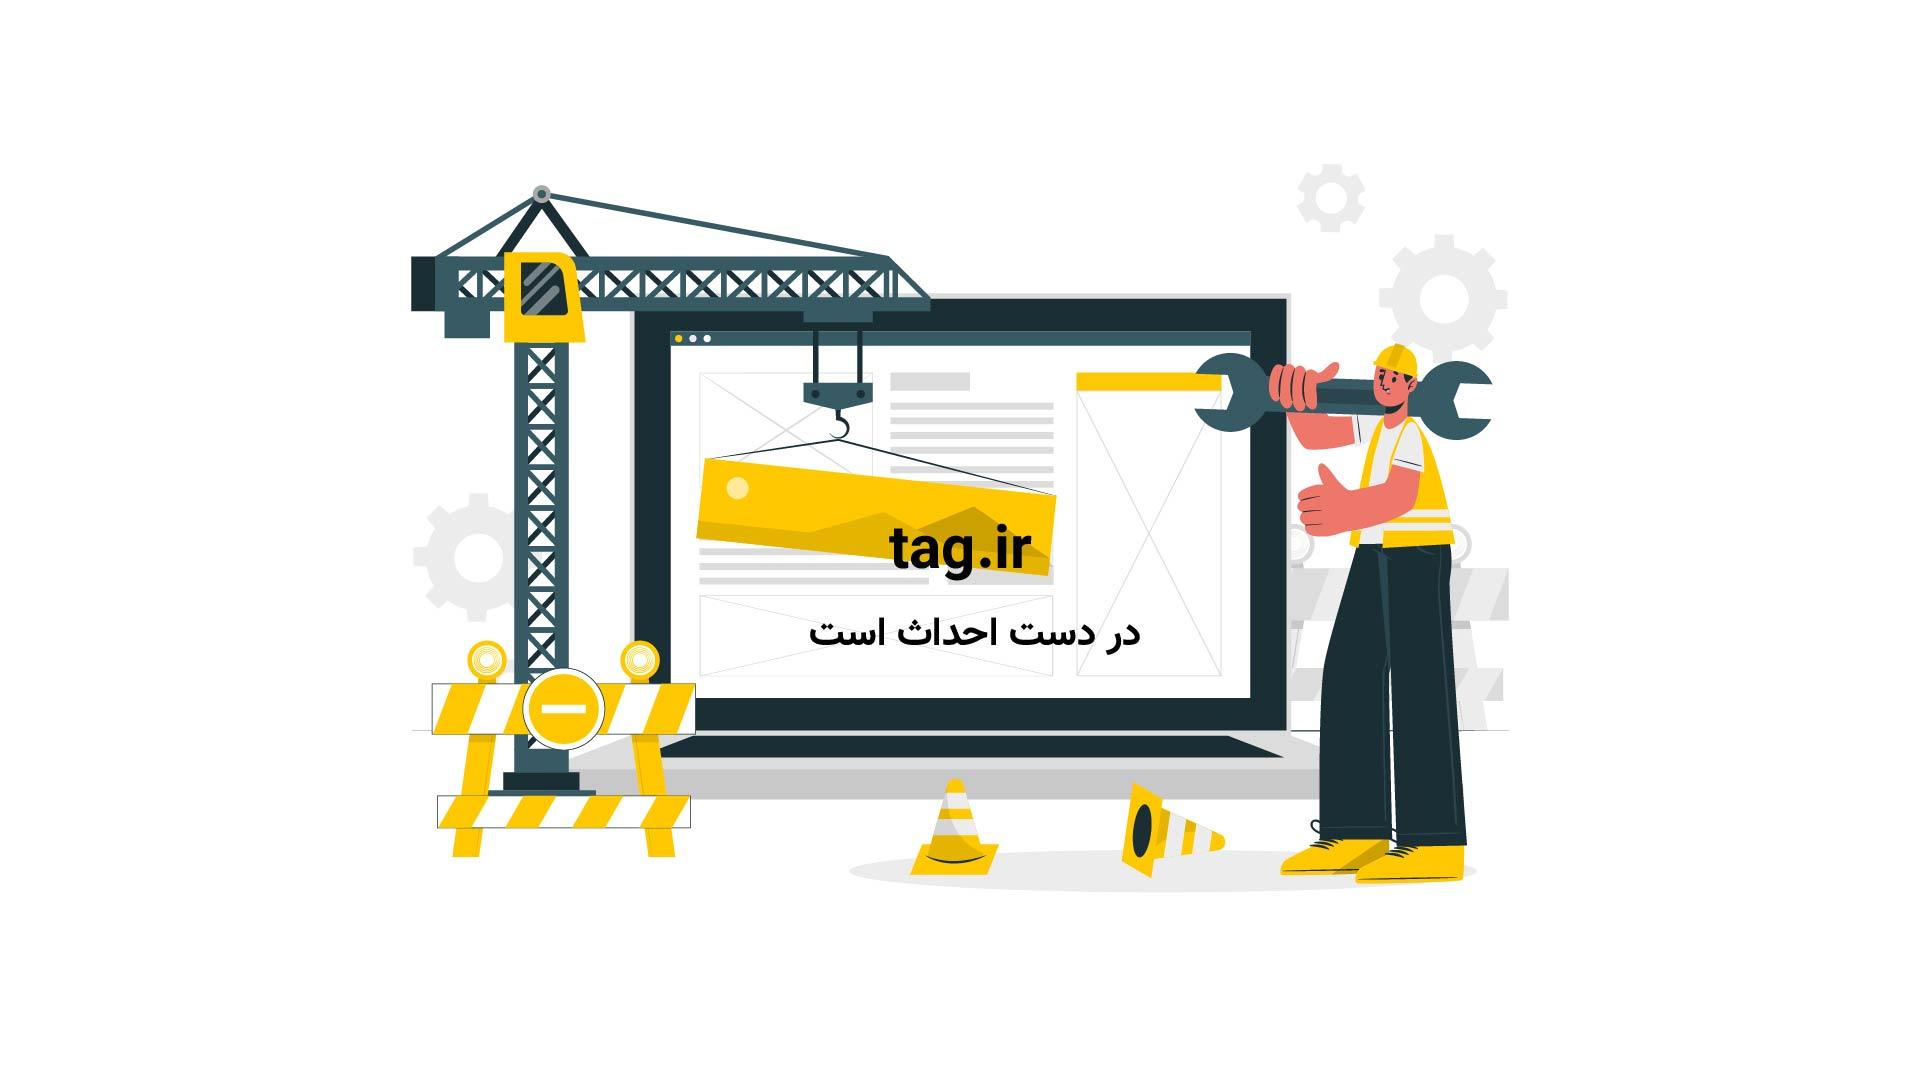 تصادف مترو طرشت | تگ